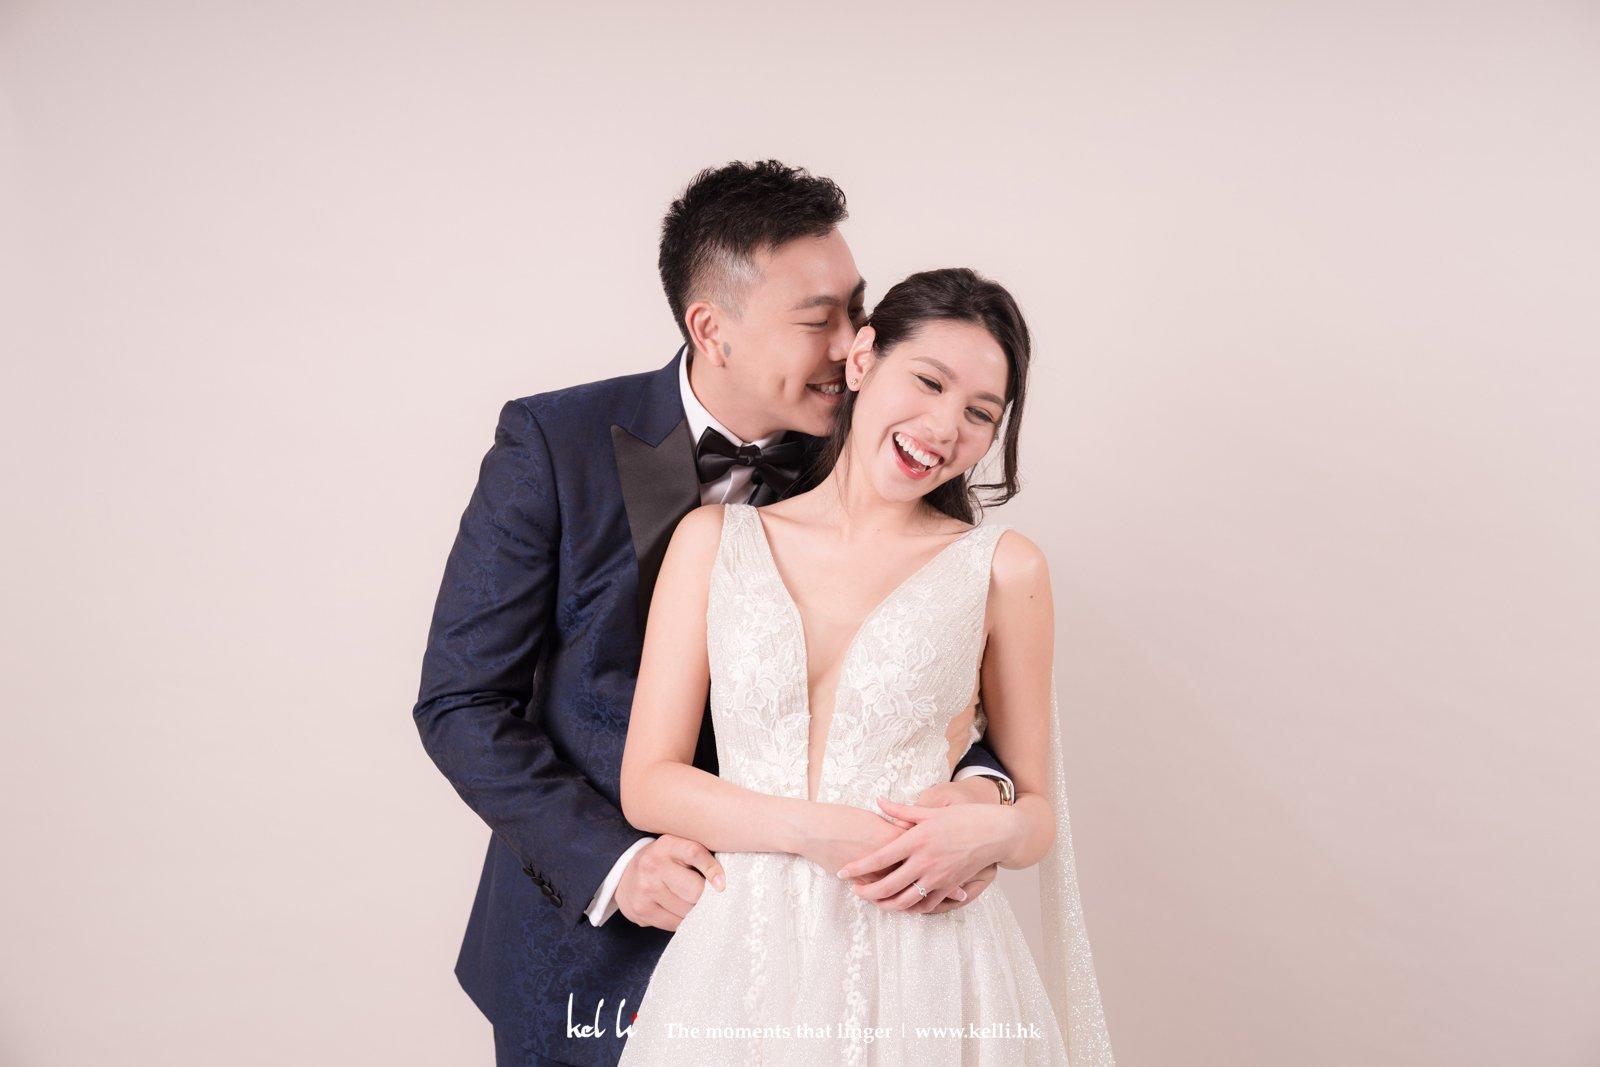 利用燈光配合粉色牆,令整輯婚紗相都會更豐富